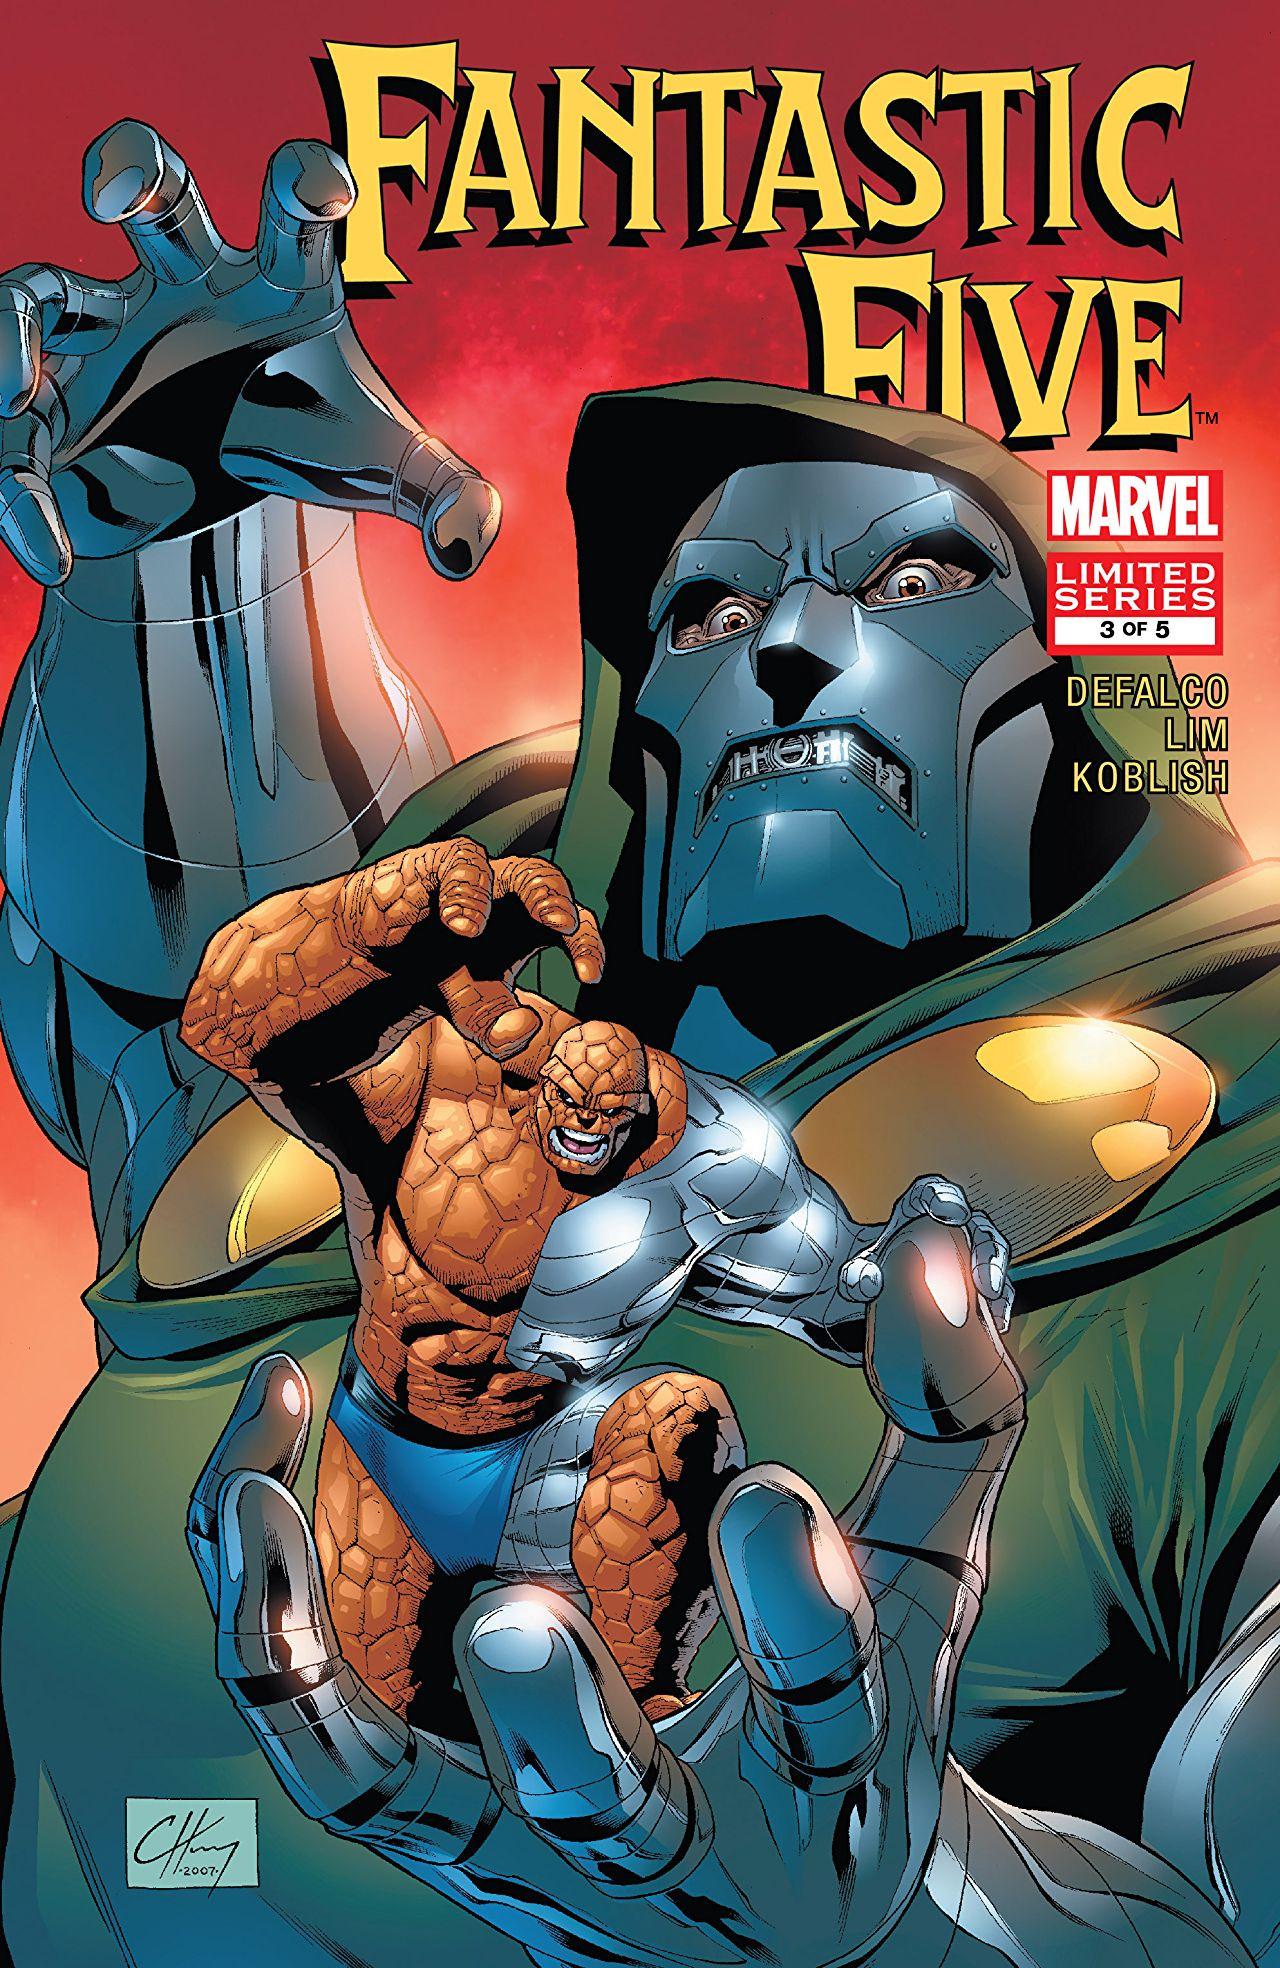 Fantastic Five Vol 2 3